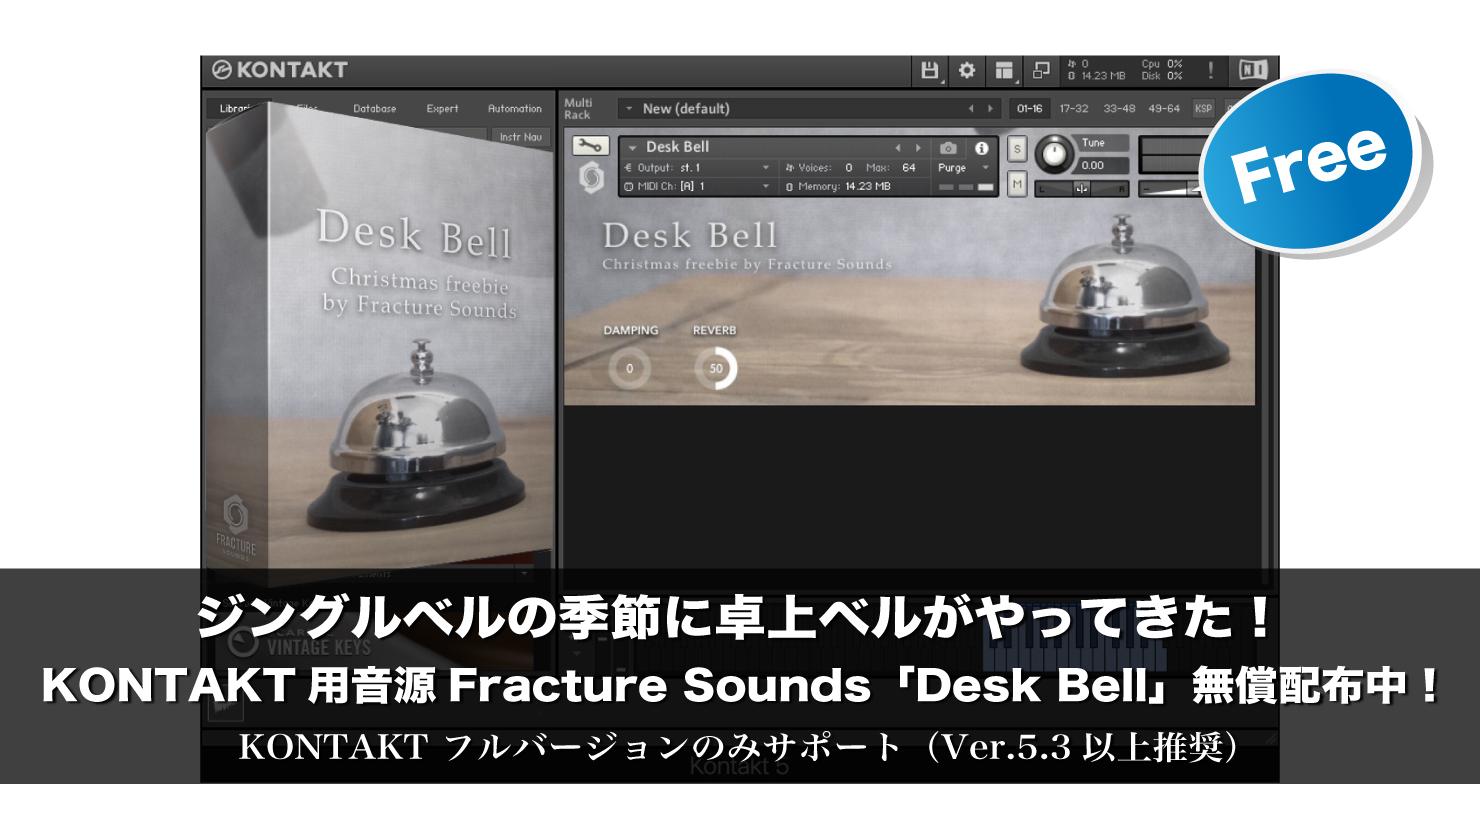 【無料】ジングルベルの季節に卓上ベルがやってきた!KONTAKT用音源「Desk Bell」無償配布中!